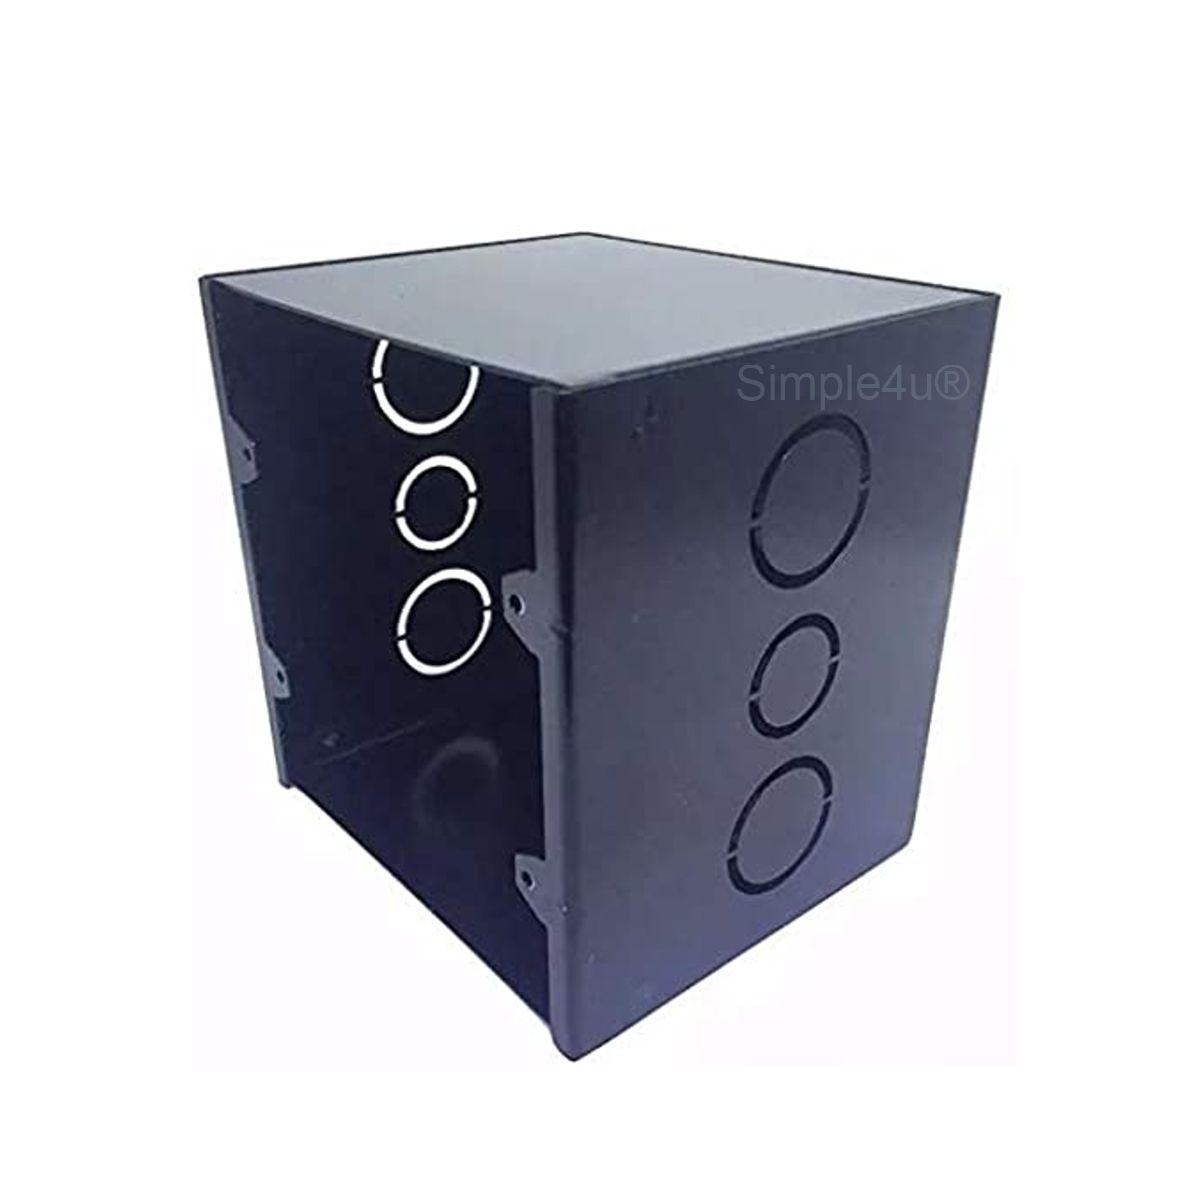 Kit Amplificador de Parede Bluetooth LAC LX BT BLACK + 4 Caixas Acústicas de Embutir SQ5-50 Loud